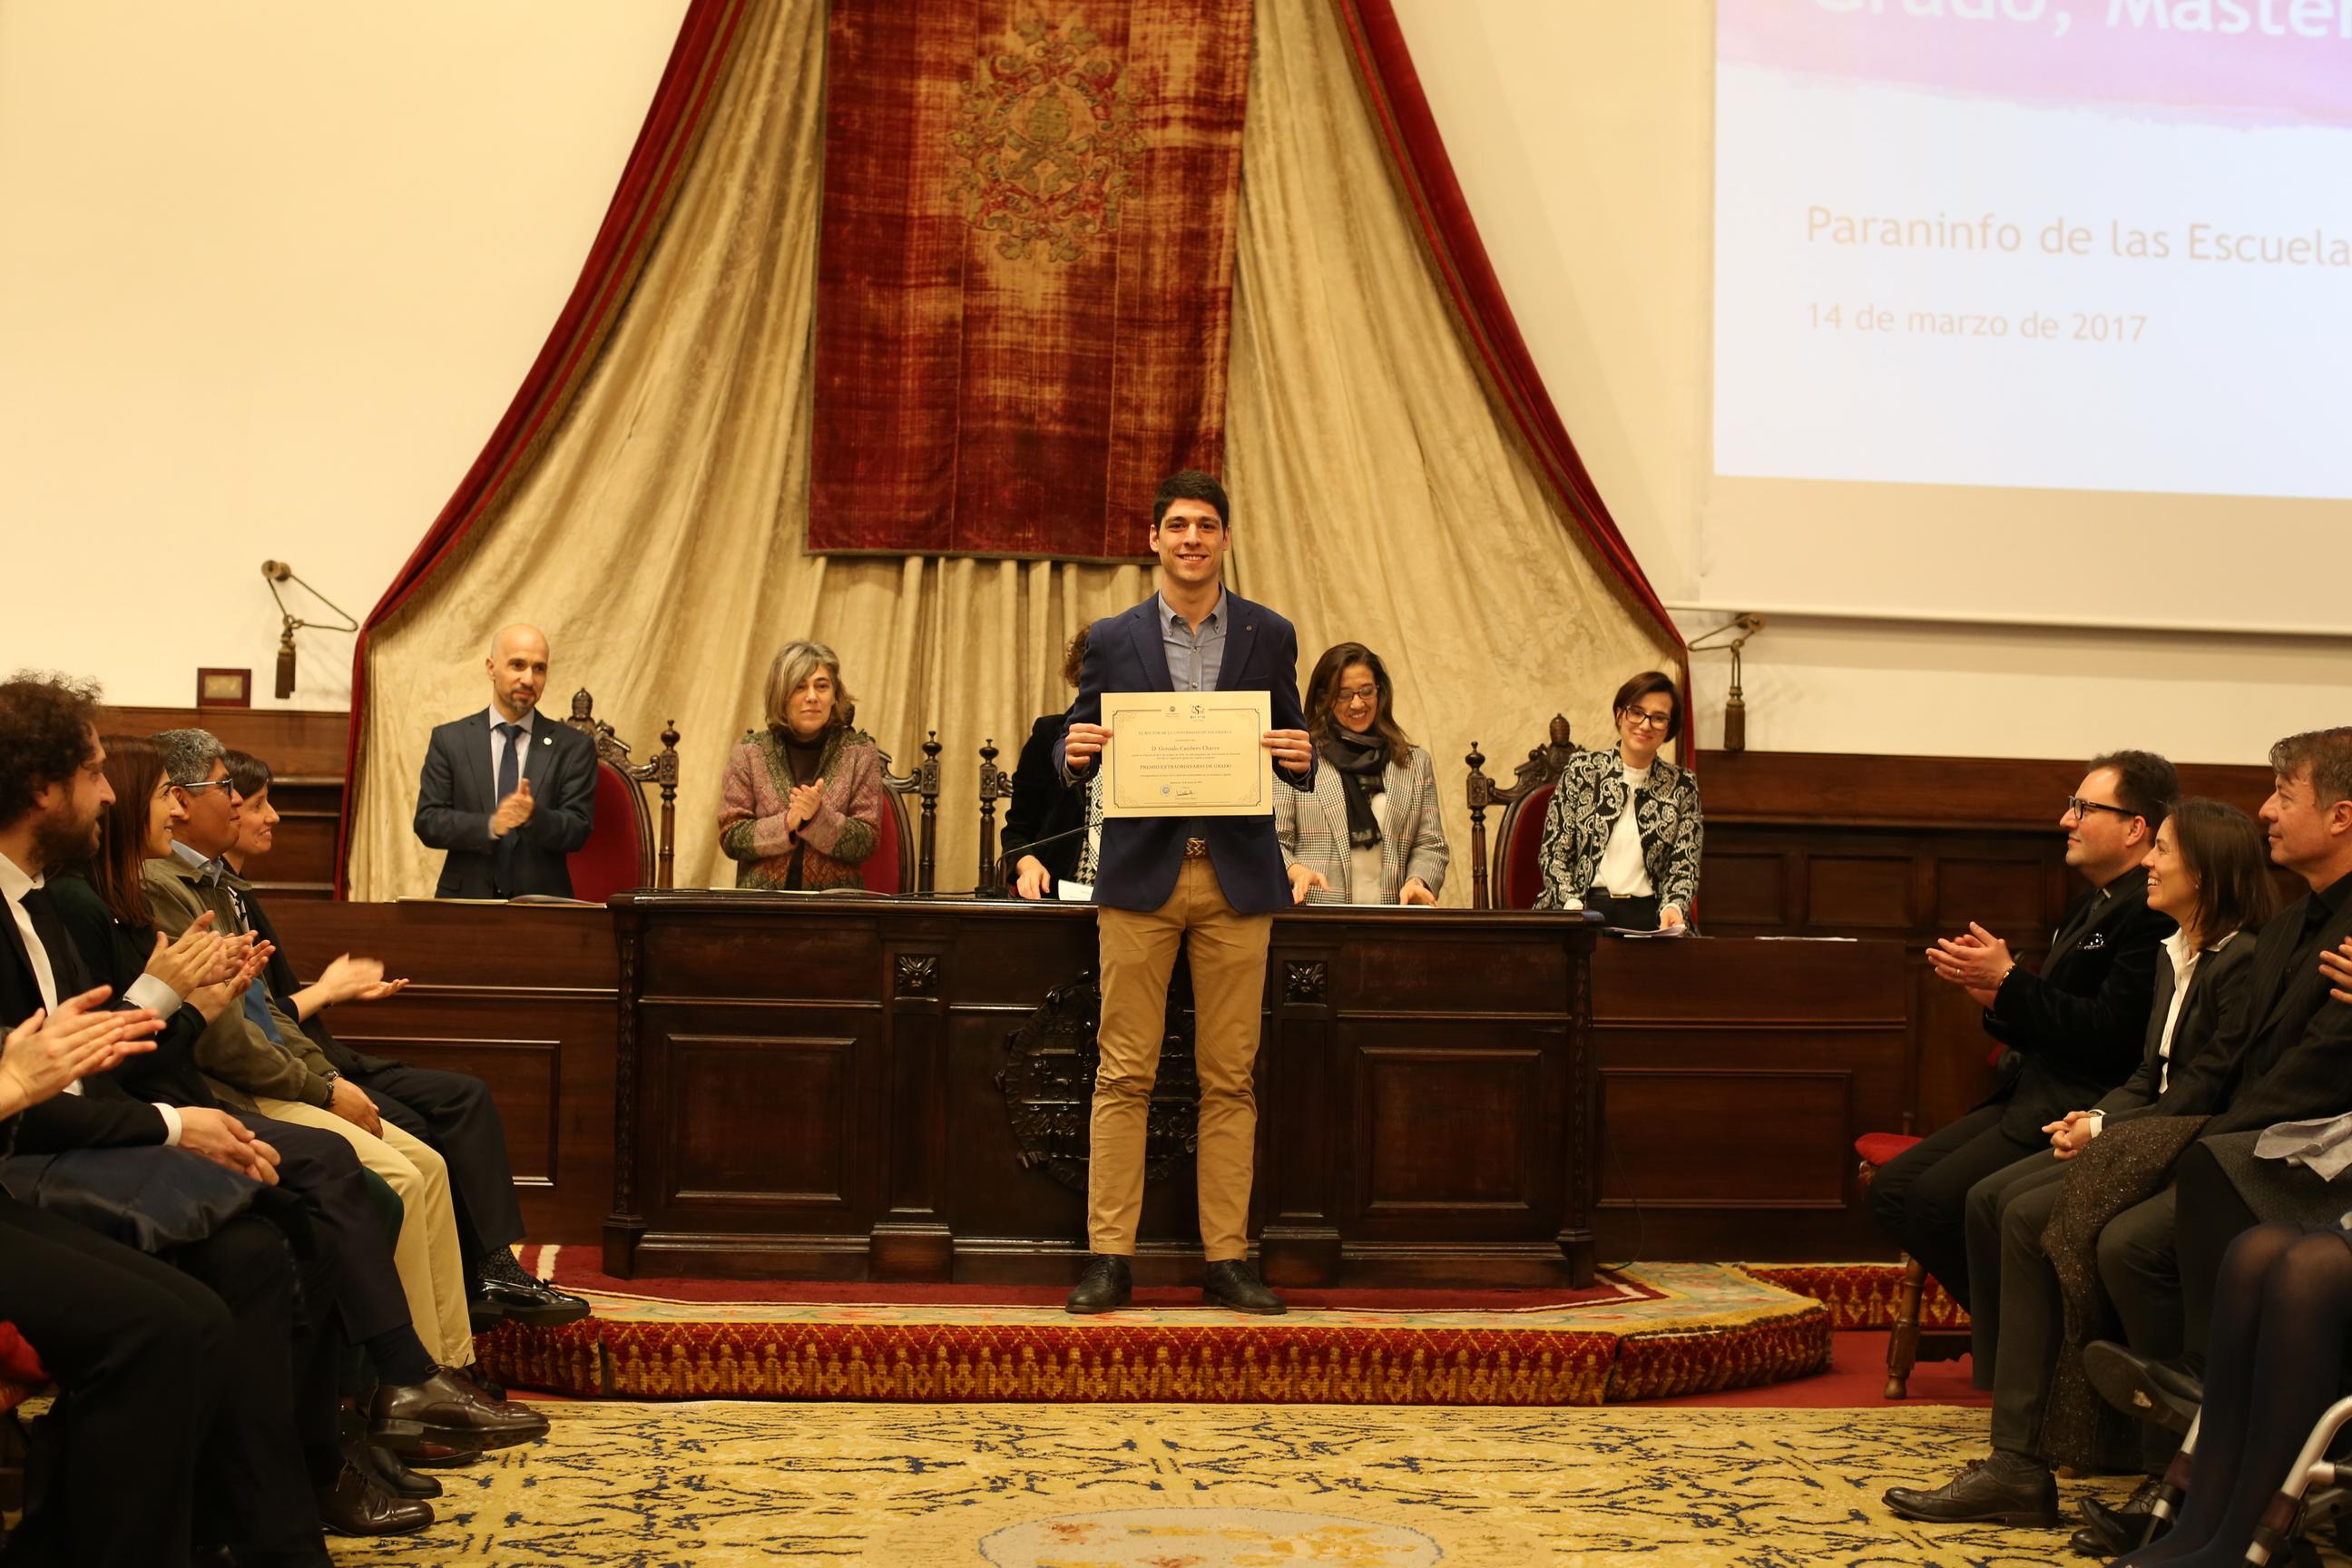 Fotografía de Premio Extraordinario de Grado y de Grado de Salamanca 17